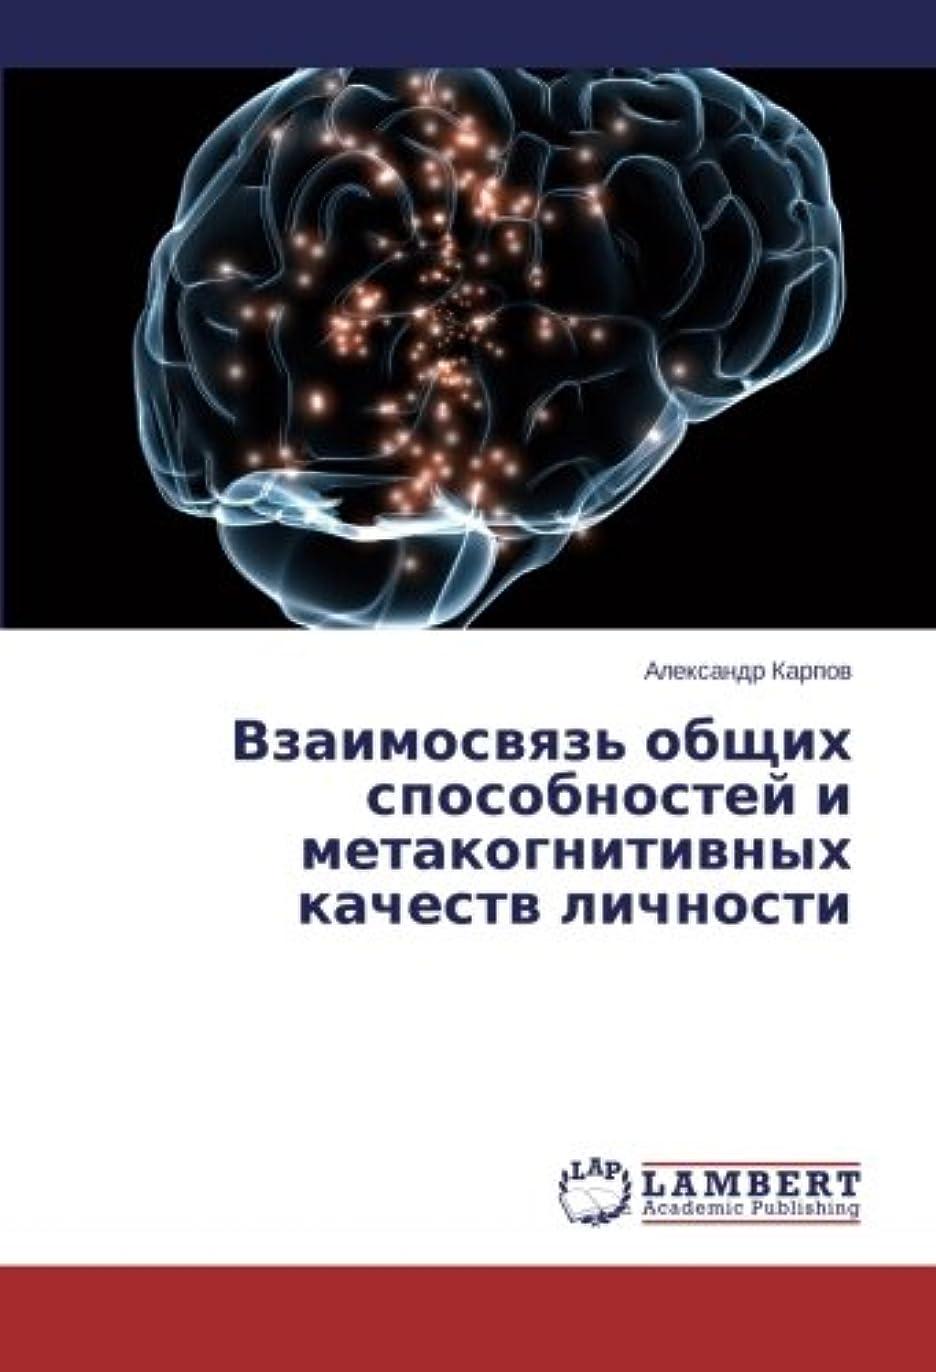 はずトラックコンドームVzaimosvyaz' Obshchikh Sposobnostey I Metakognitivnykh Kachestv Lichnosti